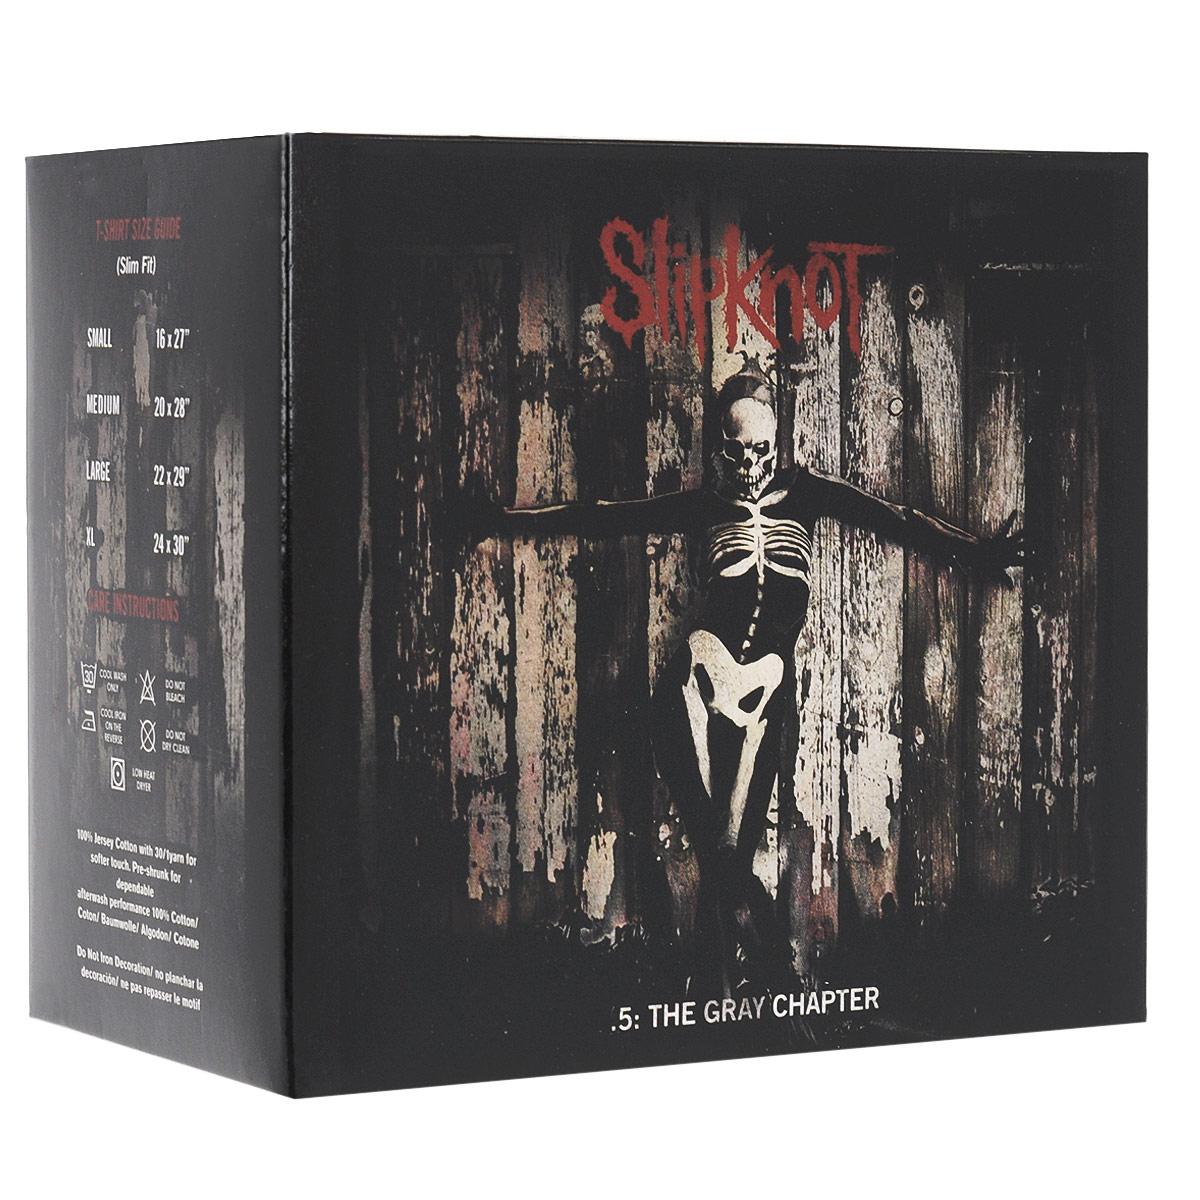 Издание содержит 20-страничный буклет с фотографиями и текстами песен на английском языке. К изданию прилагается футболка черного цвета с изображением логотипа группы. Размер S.